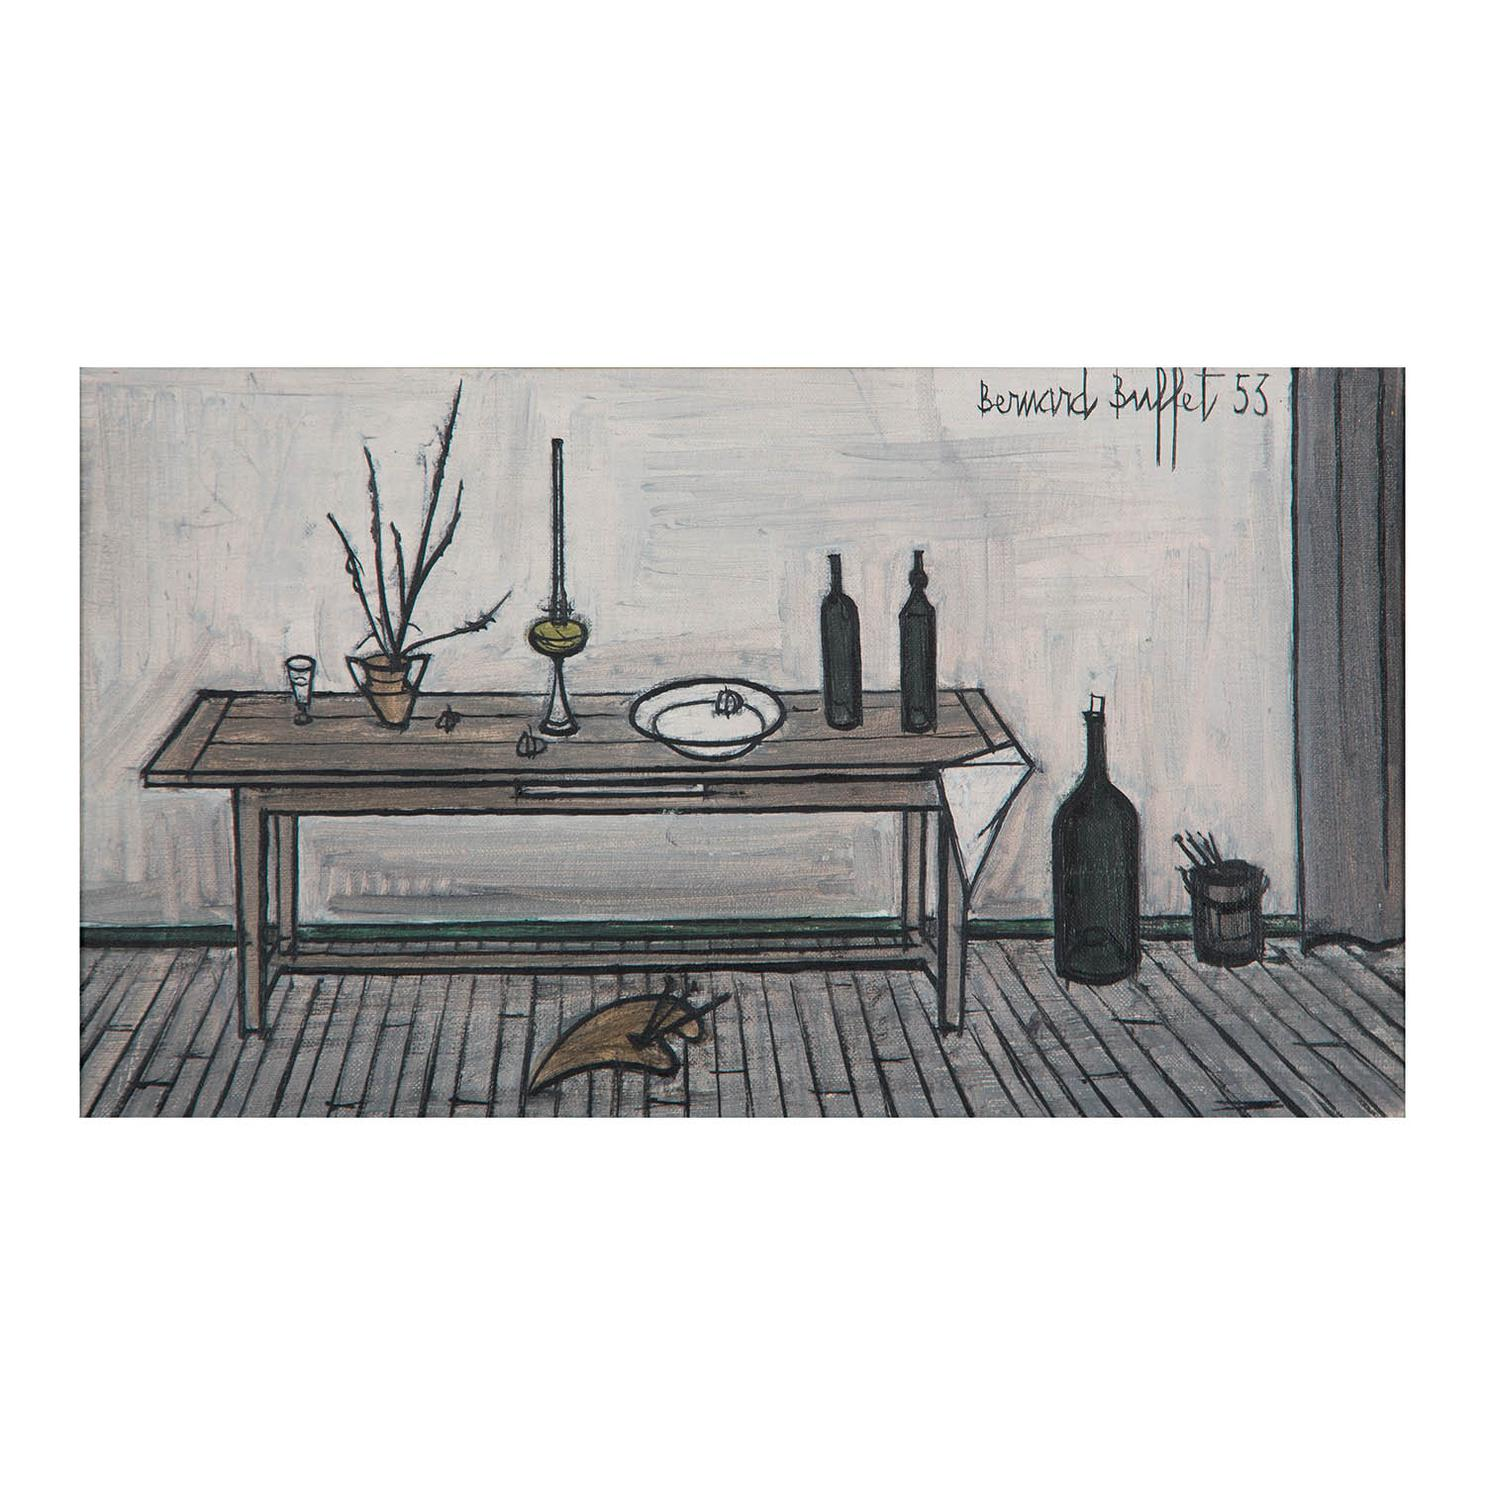 Bernard Buffet-Interieur Provencal-1953